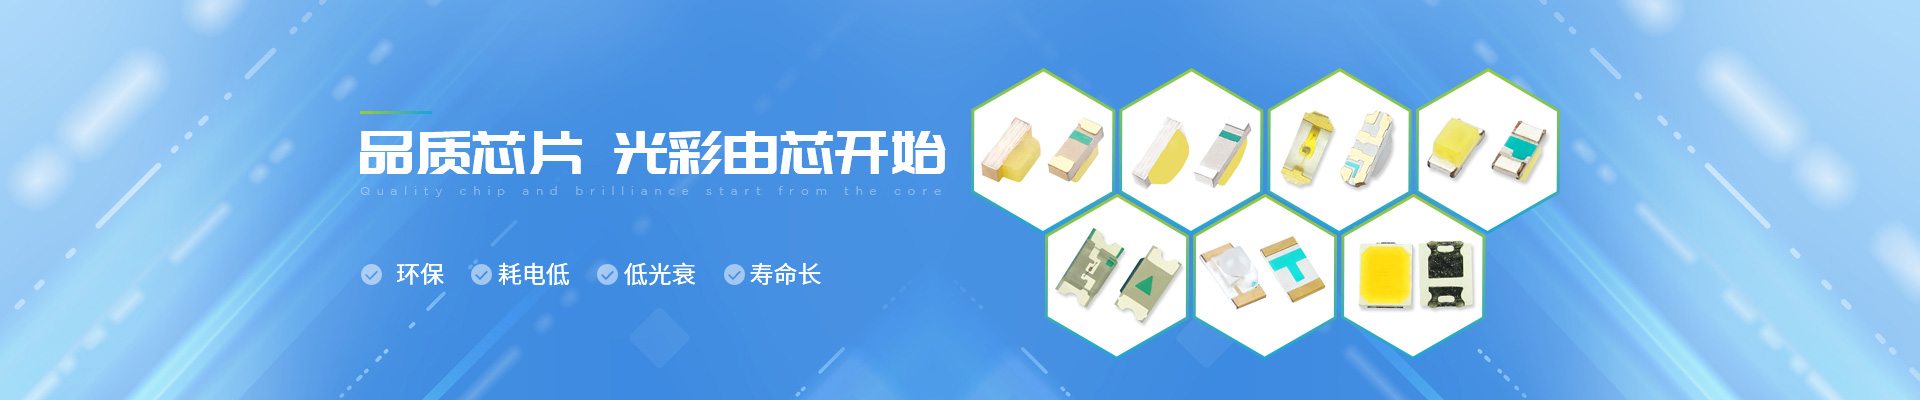 东颖光电-品质芯片,光彩由芯开始